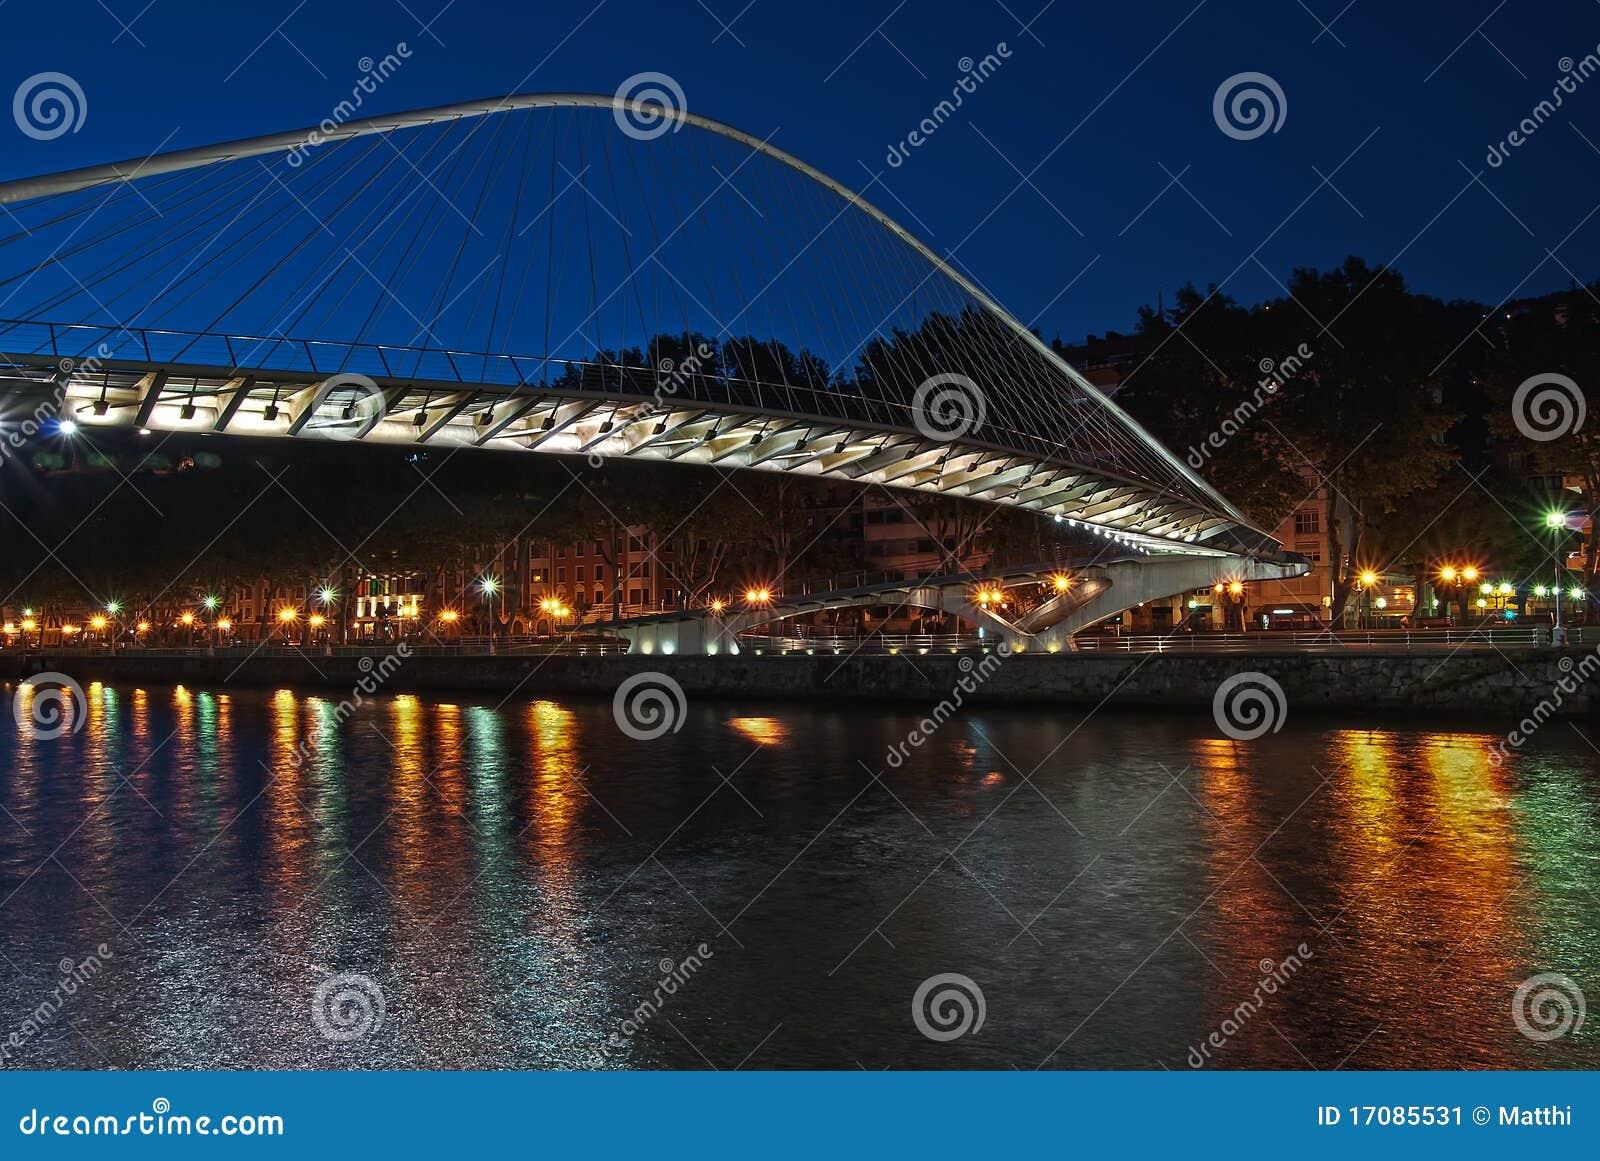 Zubizuri Brücke, Euskadi, Spanien